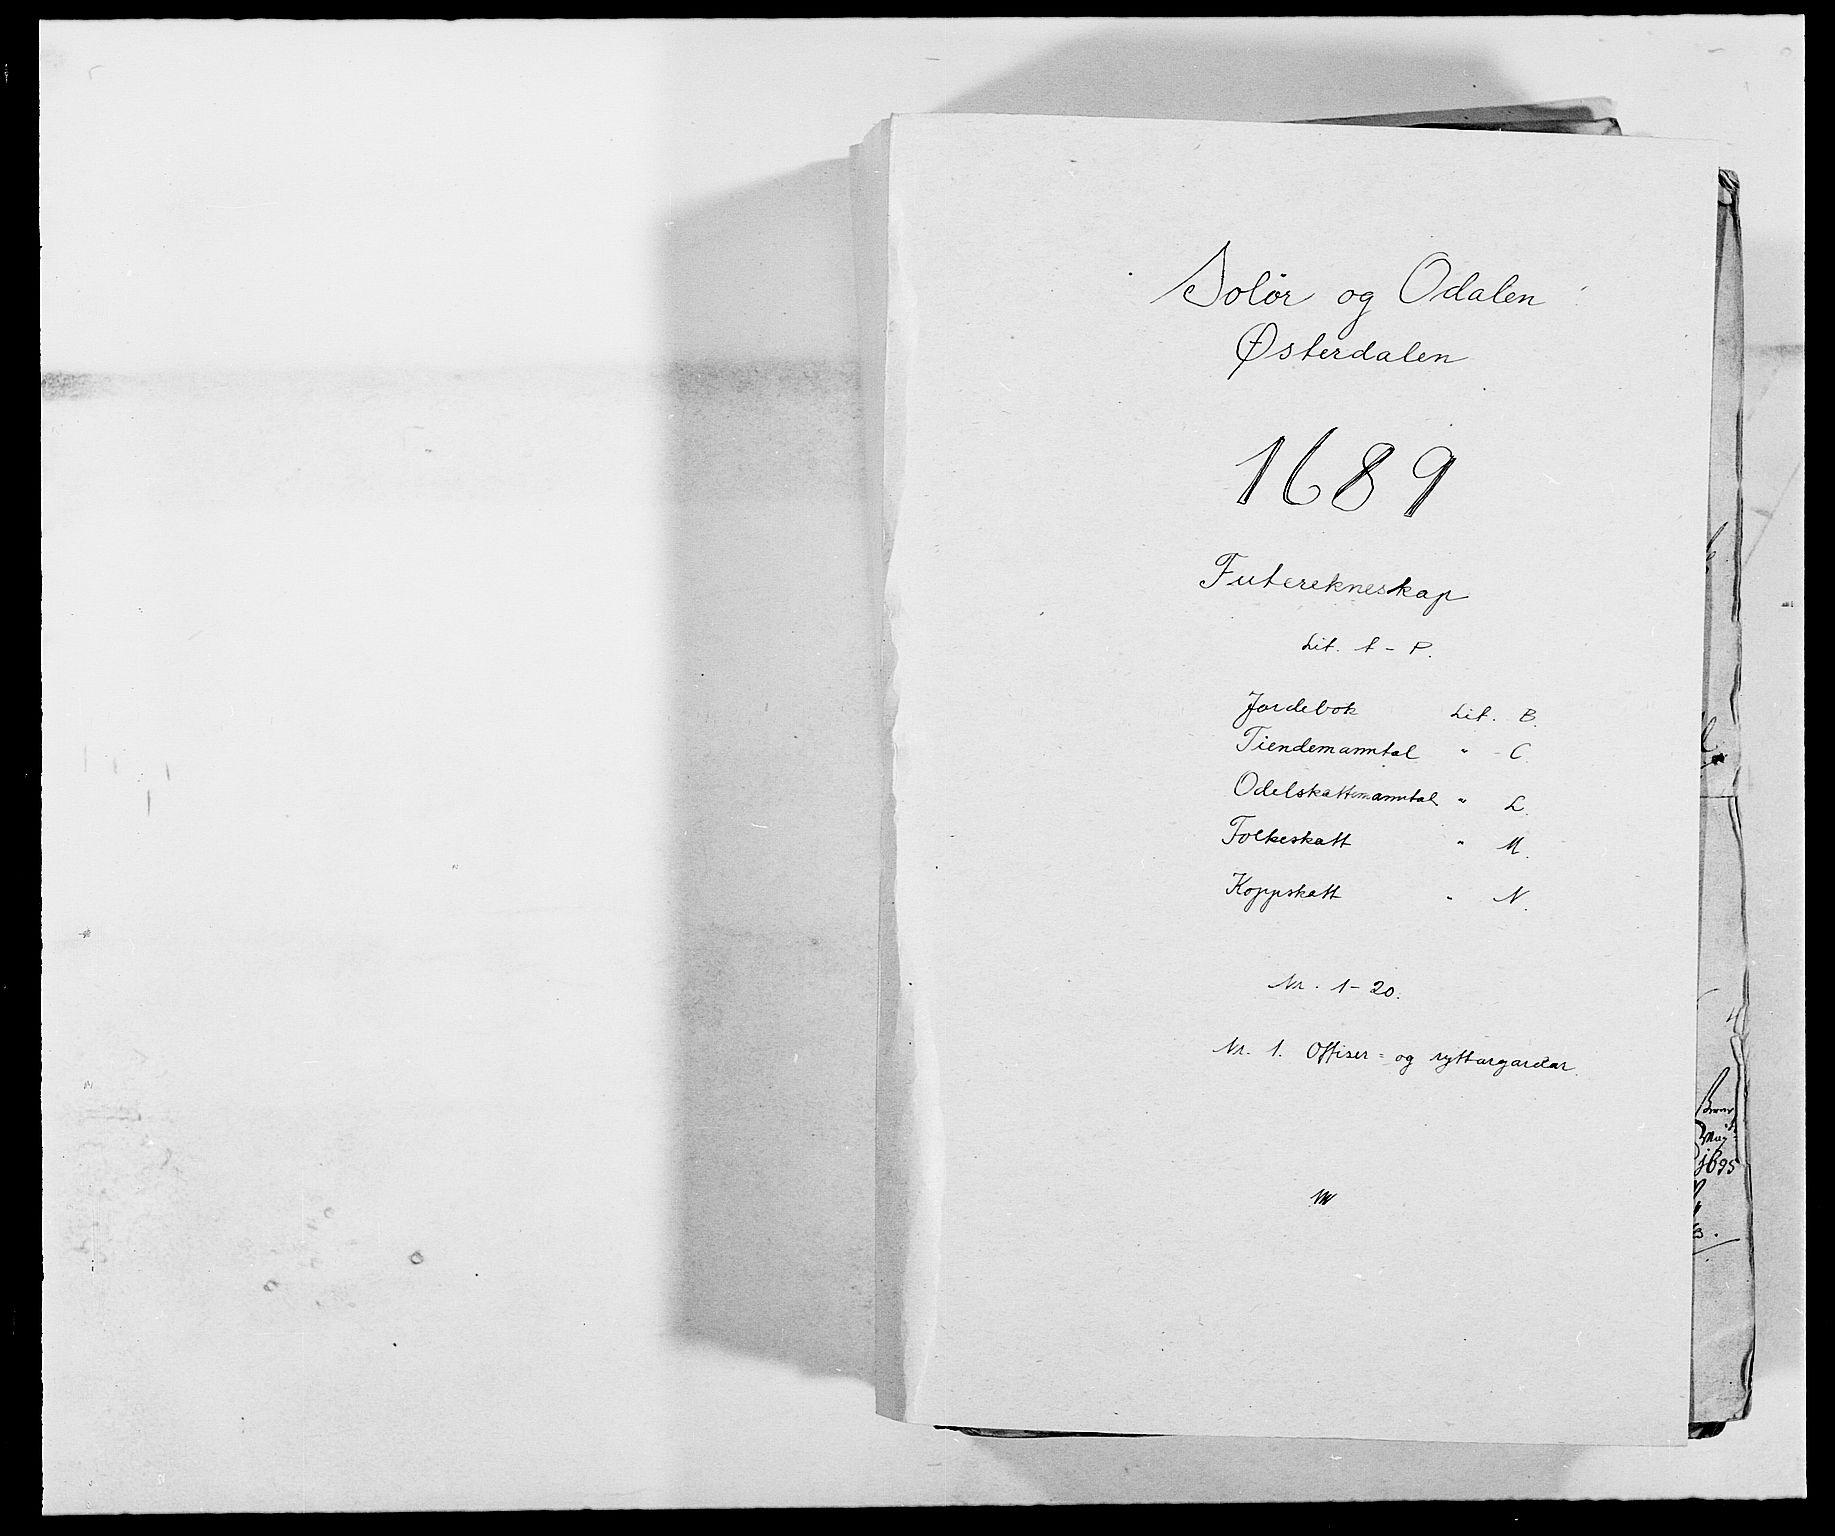 RA, Rentekammeret inntil 1814, Reviderte regnskaper, Fogderegnskap, R13/L0827: Fogderegnskap Solør, Odal og Østerdal, 1689, s. 1